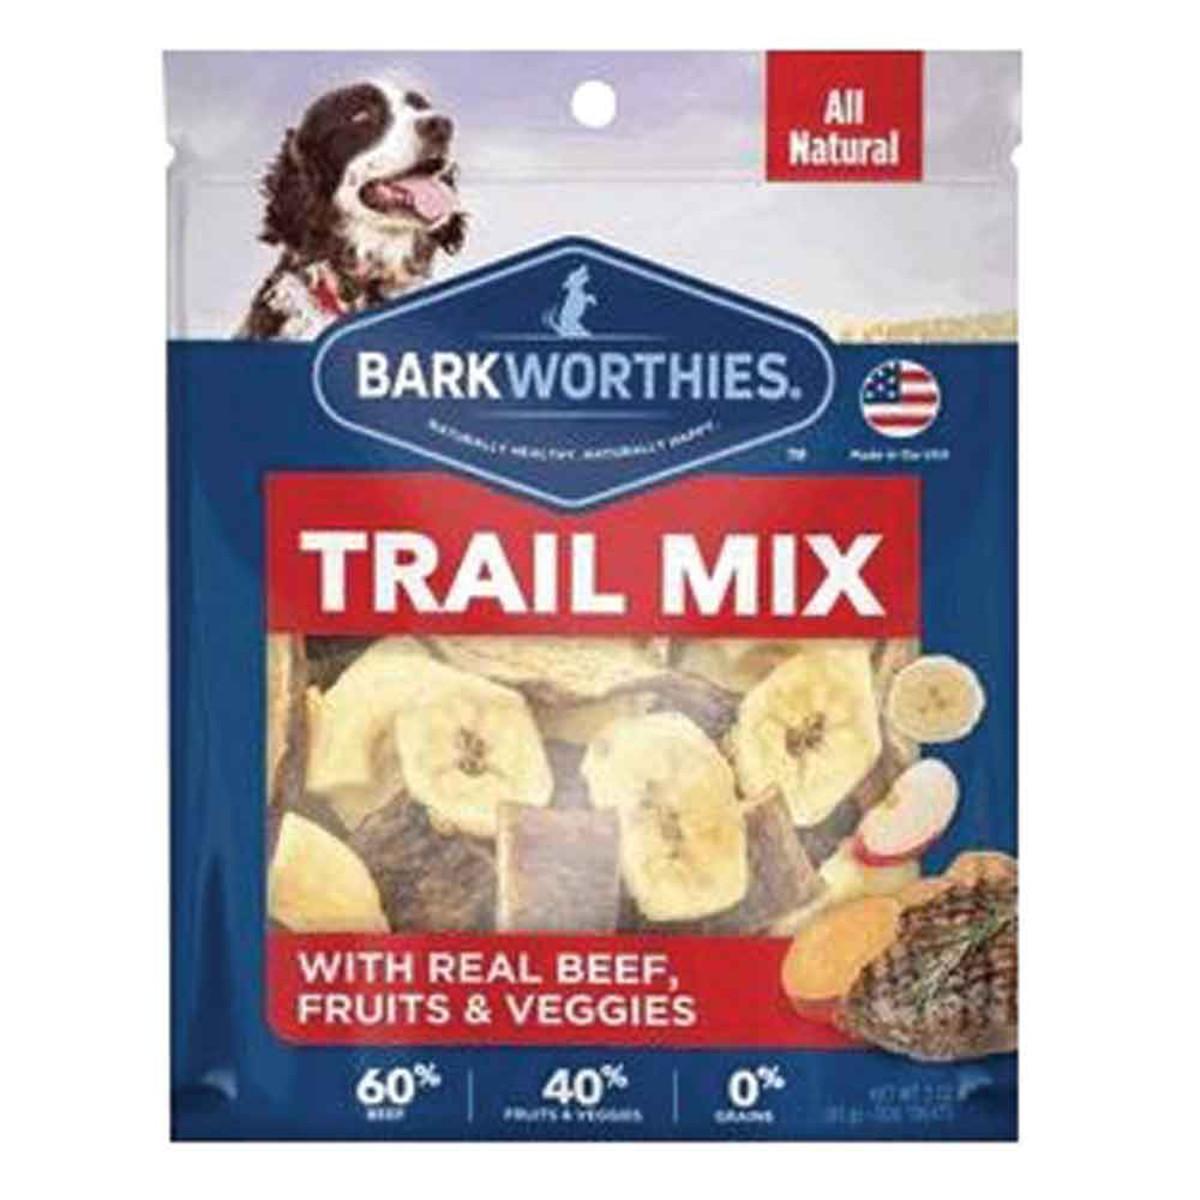 Barkworthies Trail Mix Real Beef, Fruits & Veggies Dog Treats, 3-oz (Size: 3-oz) Image